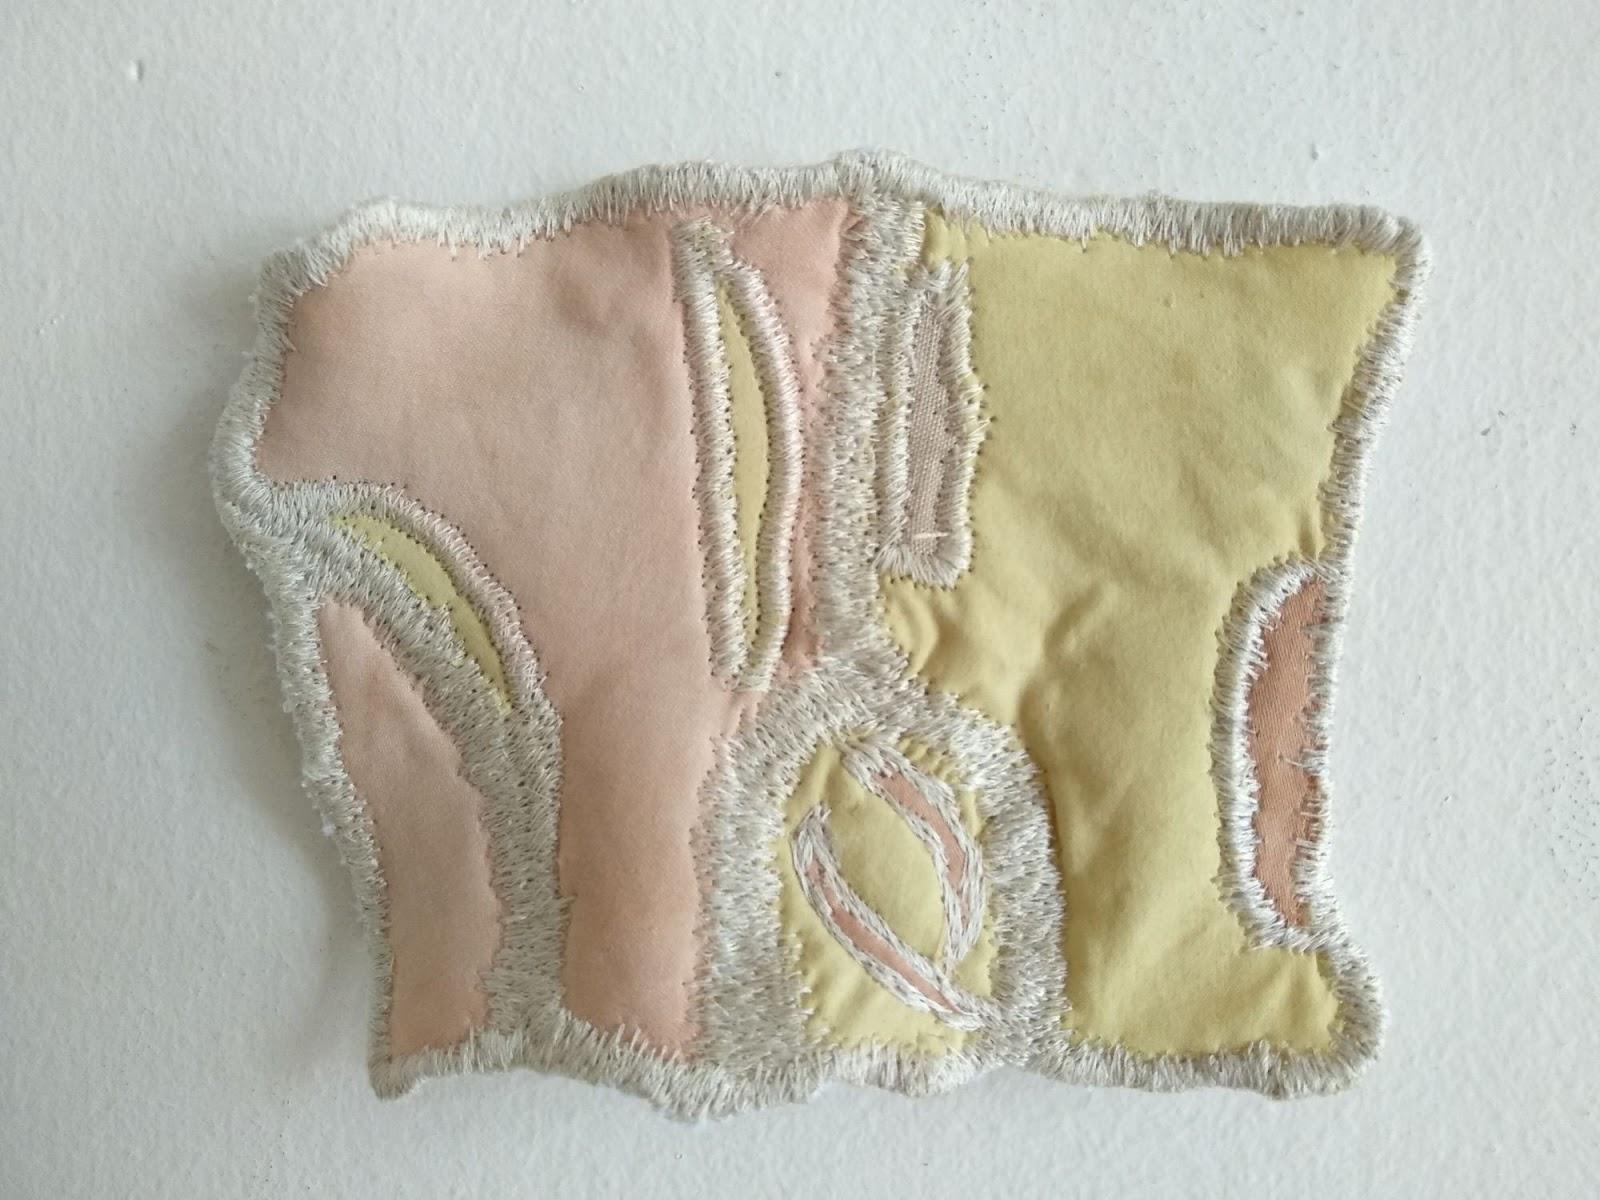 Textile Art by Agy - Mending